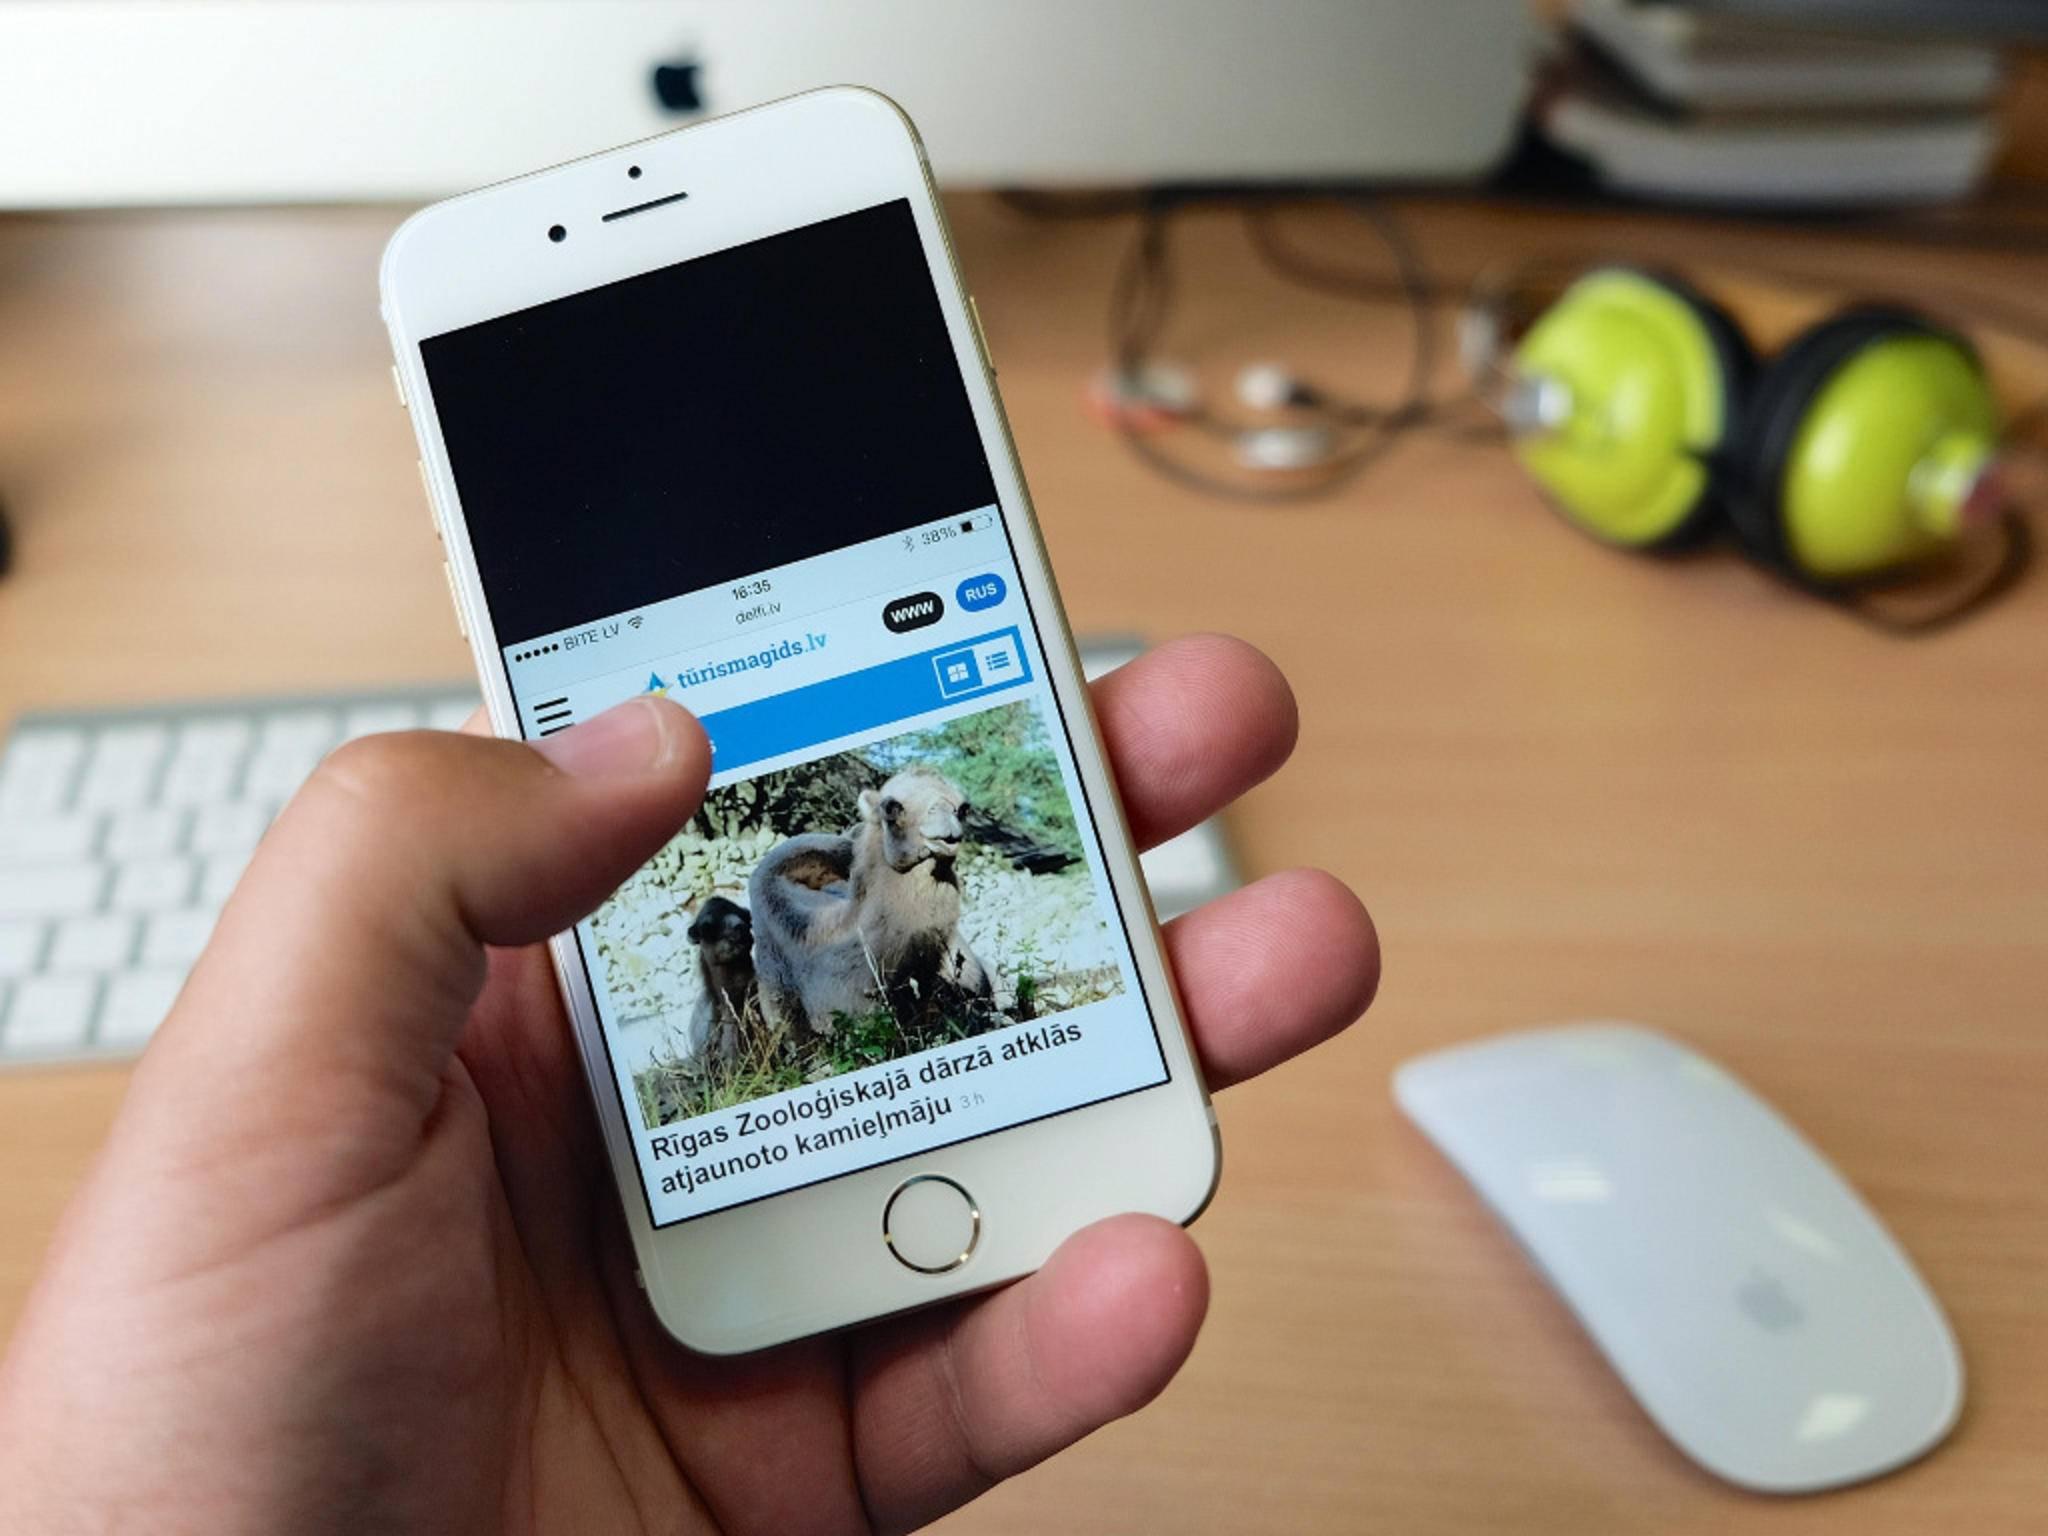 Viele Nutzer beklagen Touch ID-Probleme nach dem Update auf iOS 8.3.